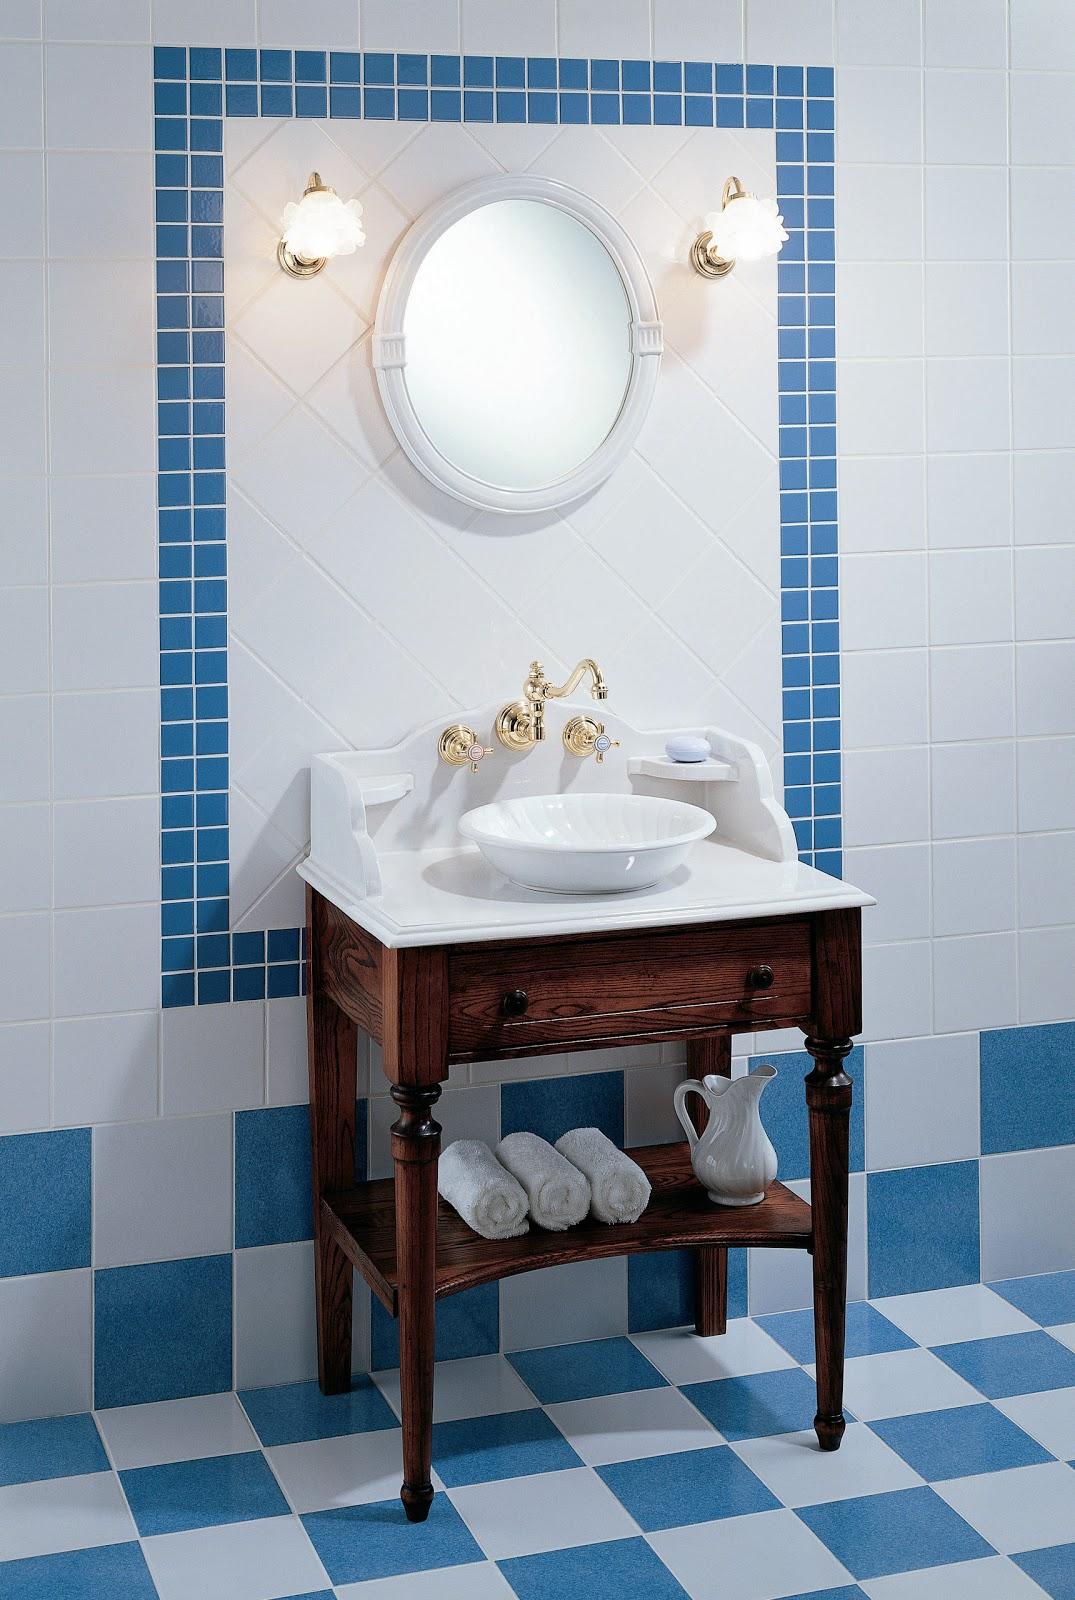 TOM INTENSO: Banheiros Antigos #1D4763 1075x1600 Banheiro Antigo Decoração